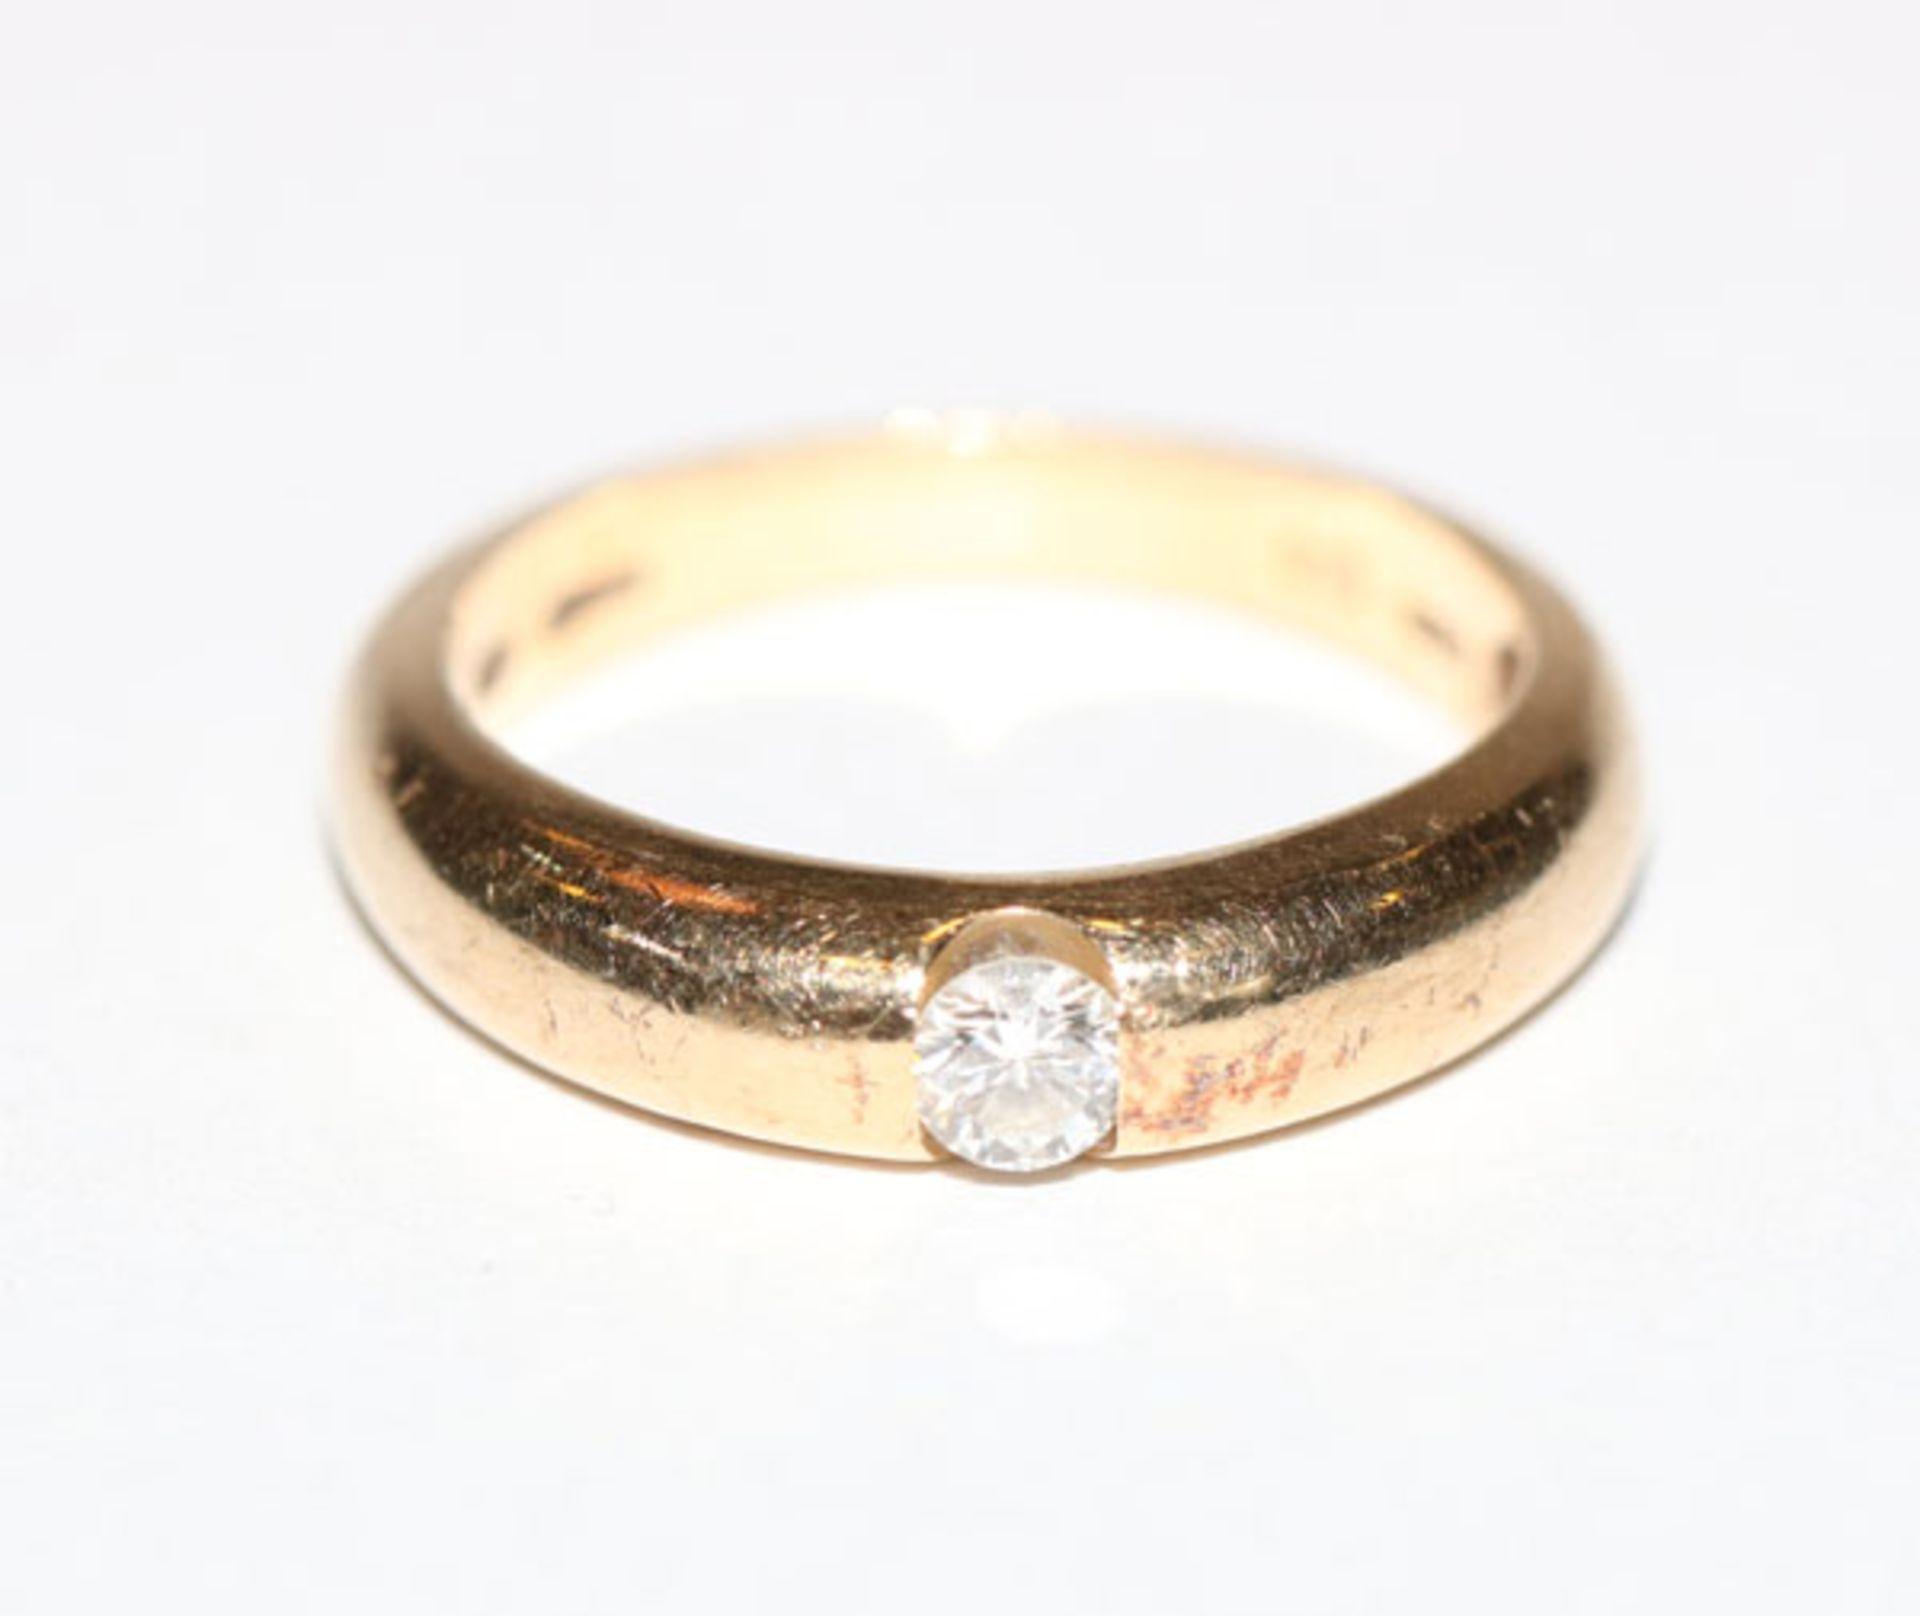 14 k Gelbgold Ring mit Diamant, 0,15 ct. weiss, Gr. 50